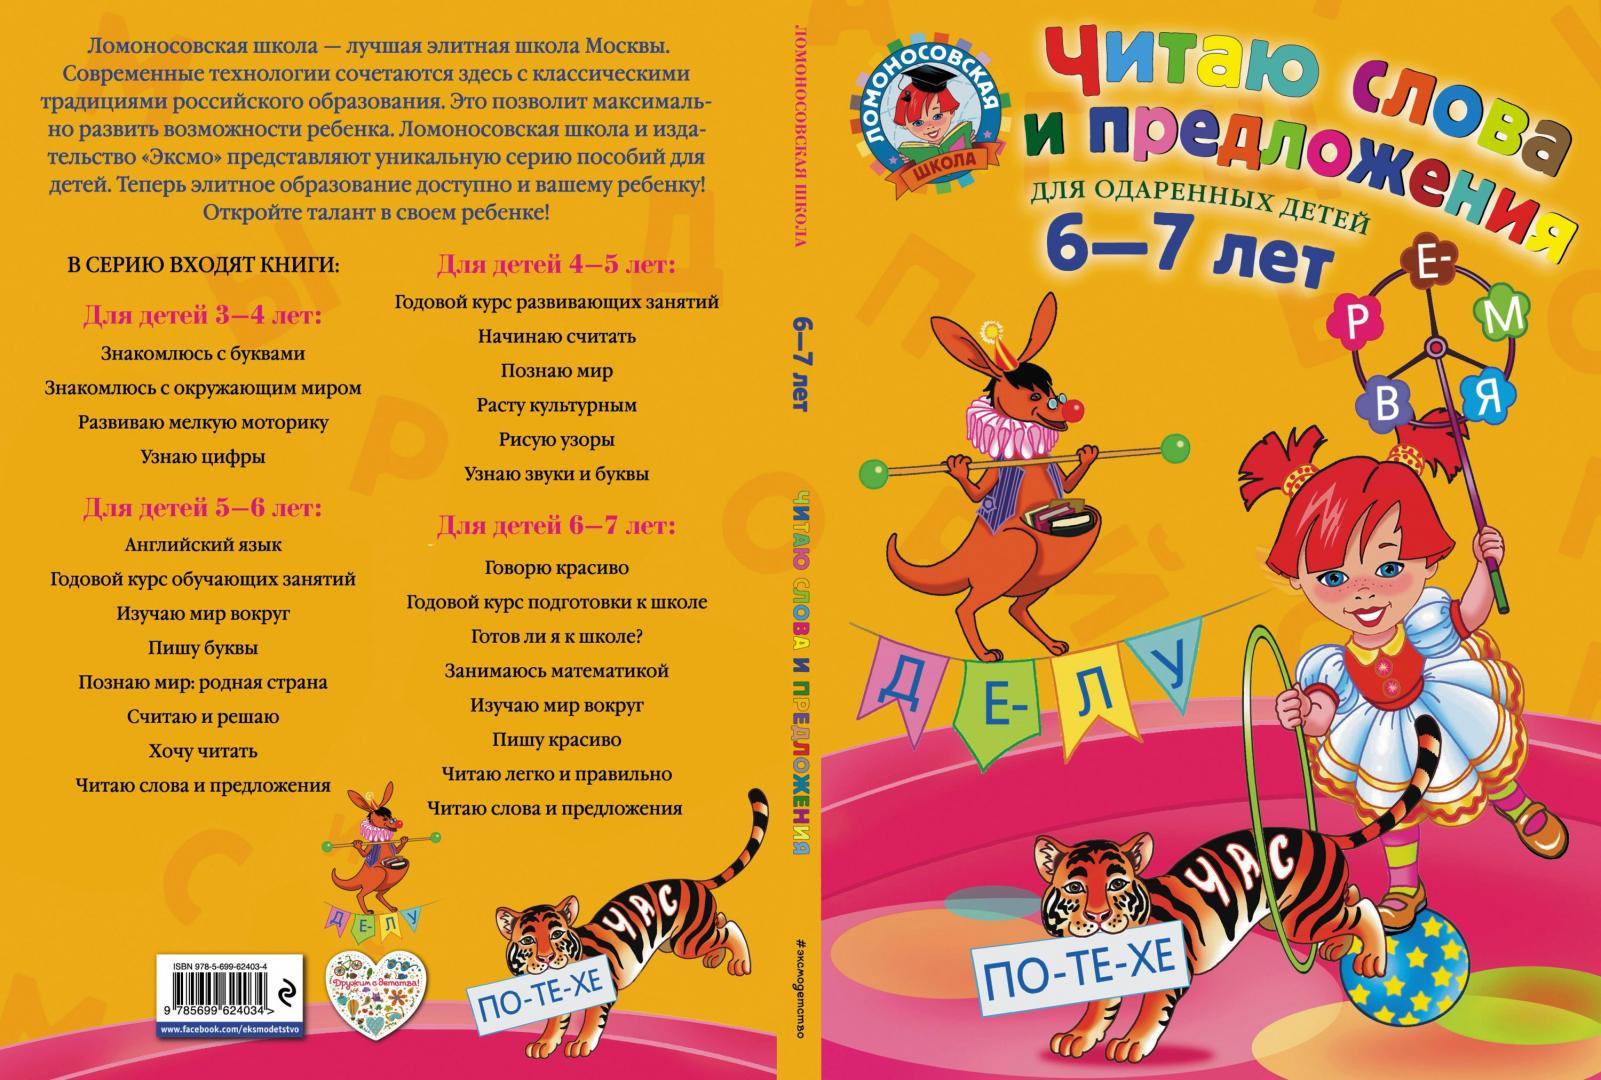 Иллюстрация 1 из 42 для Читаю слова и предложения. Для одаренных детей 6-7 лет - Светлана Пятак | Лабиринт - книги. Источник: Редактор этой книги